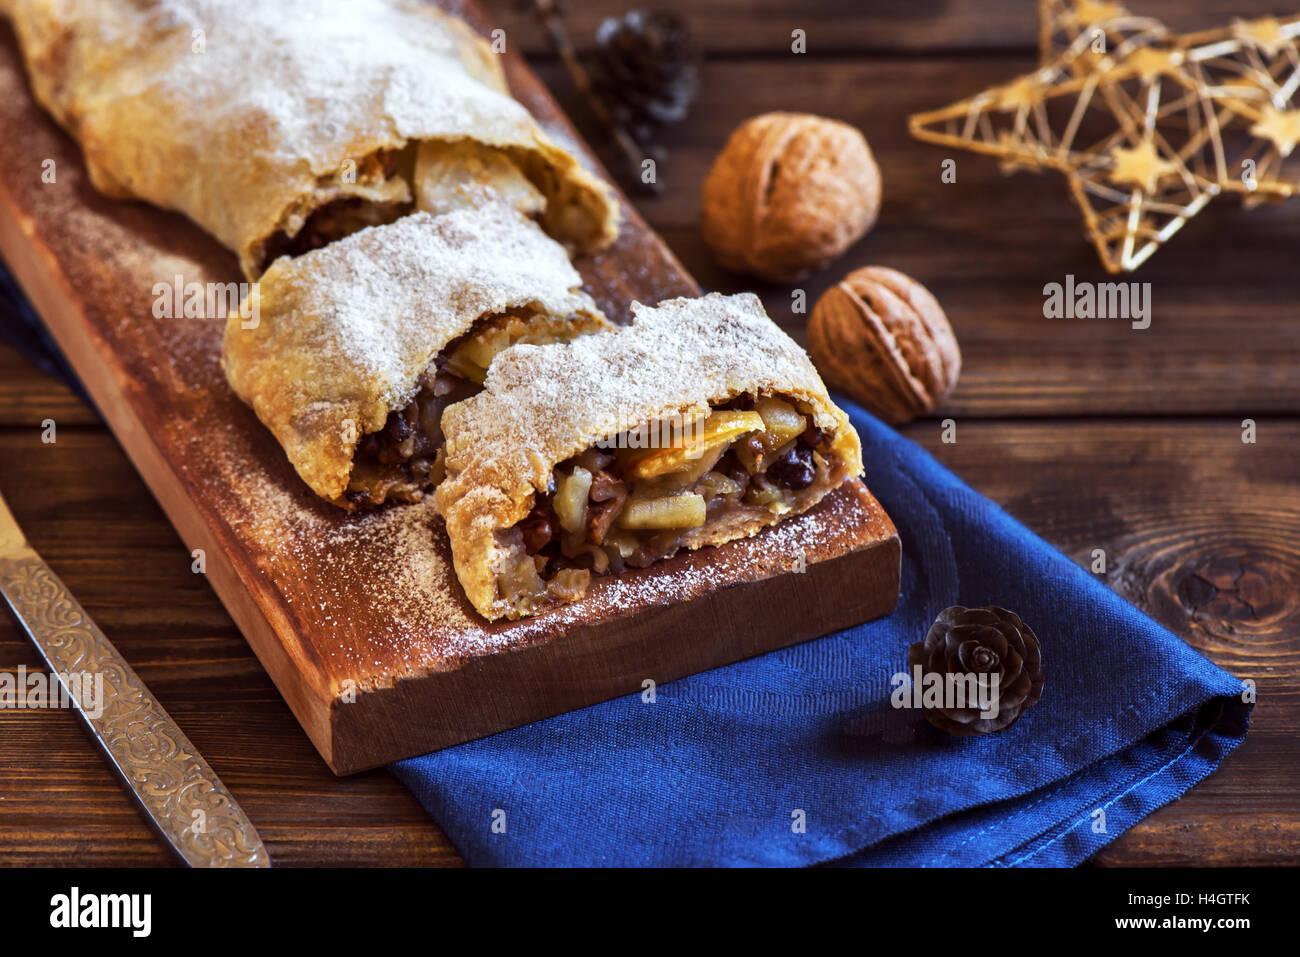 Pâtisserie Maison de Noël. Strudel aux pommes (tarte) avec les raisins secs, les noix et le sucre en poudre Photo Stock